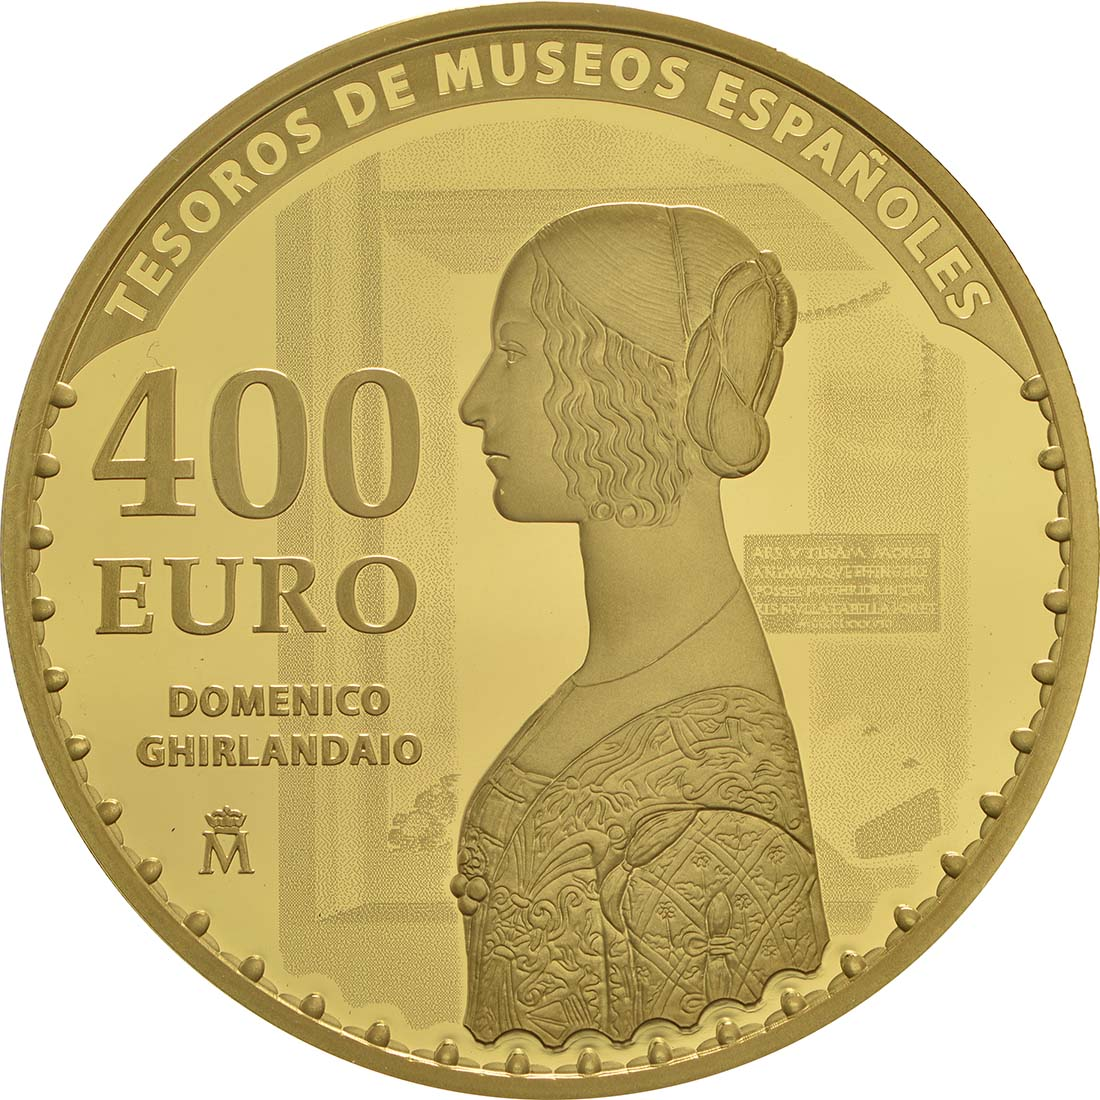 Spanien 400 euro holbein 2017 pp gold for Wohnlandschaft 400 euro